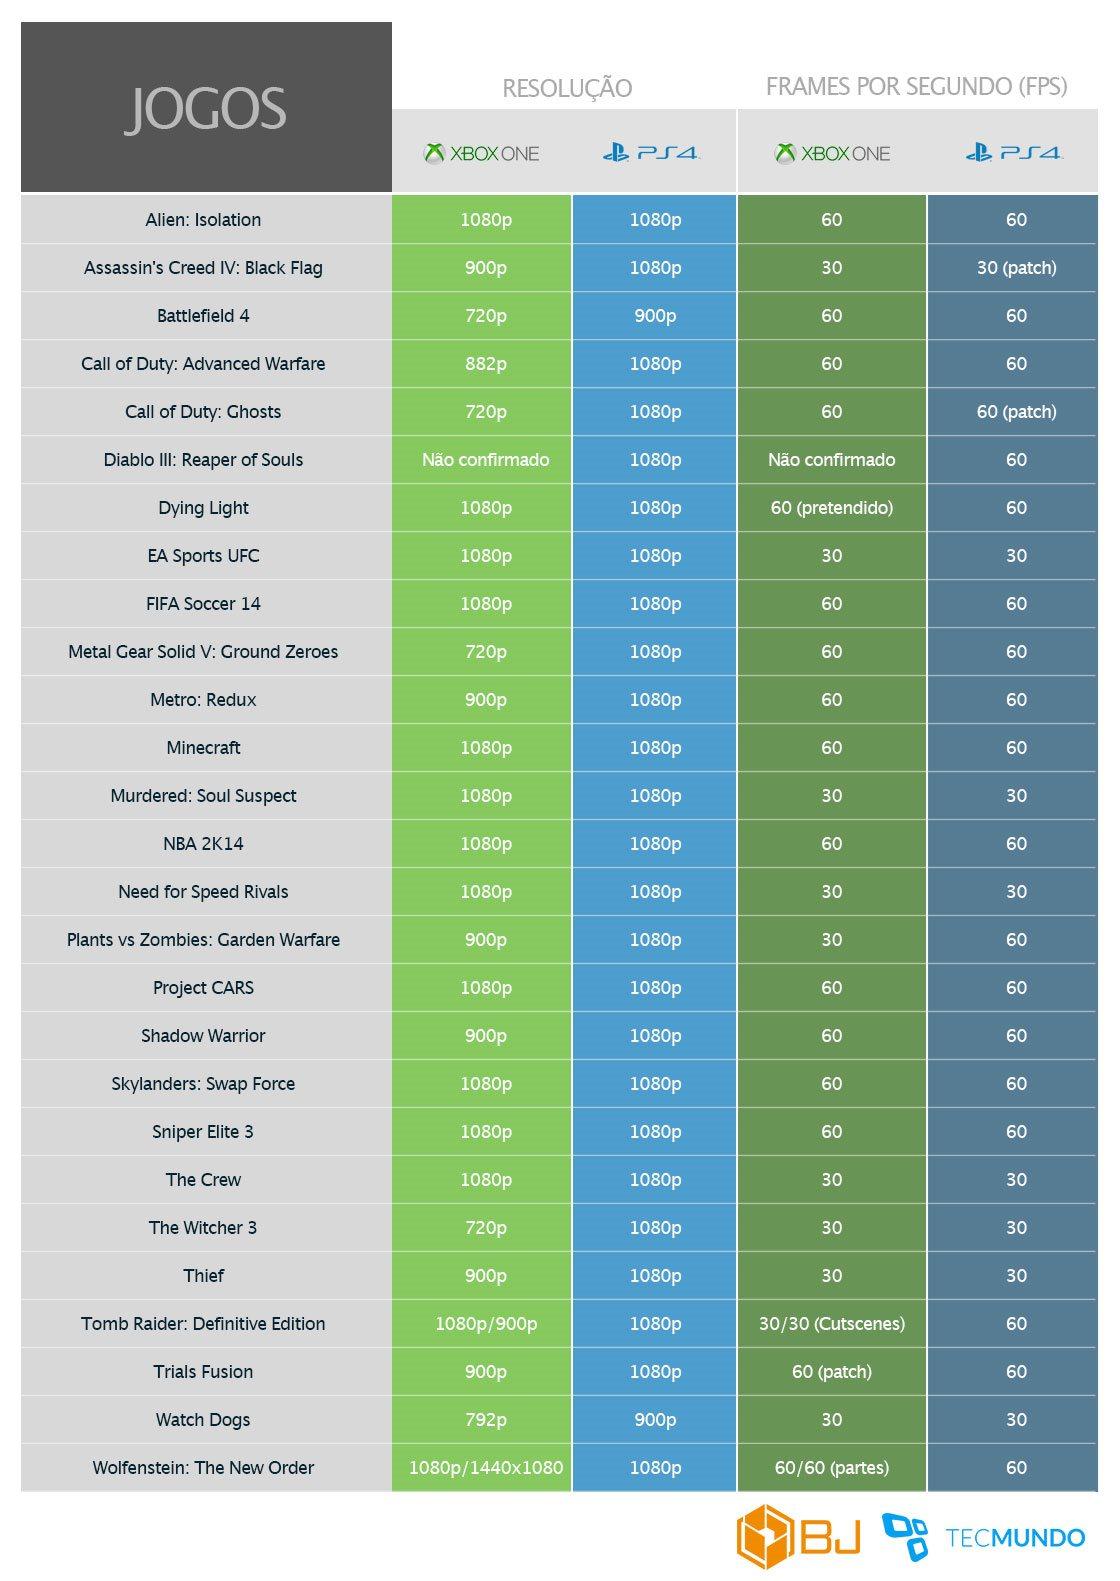 PS4 vs Xbox One: resoluções e taxas de frames por segundo [tabela]